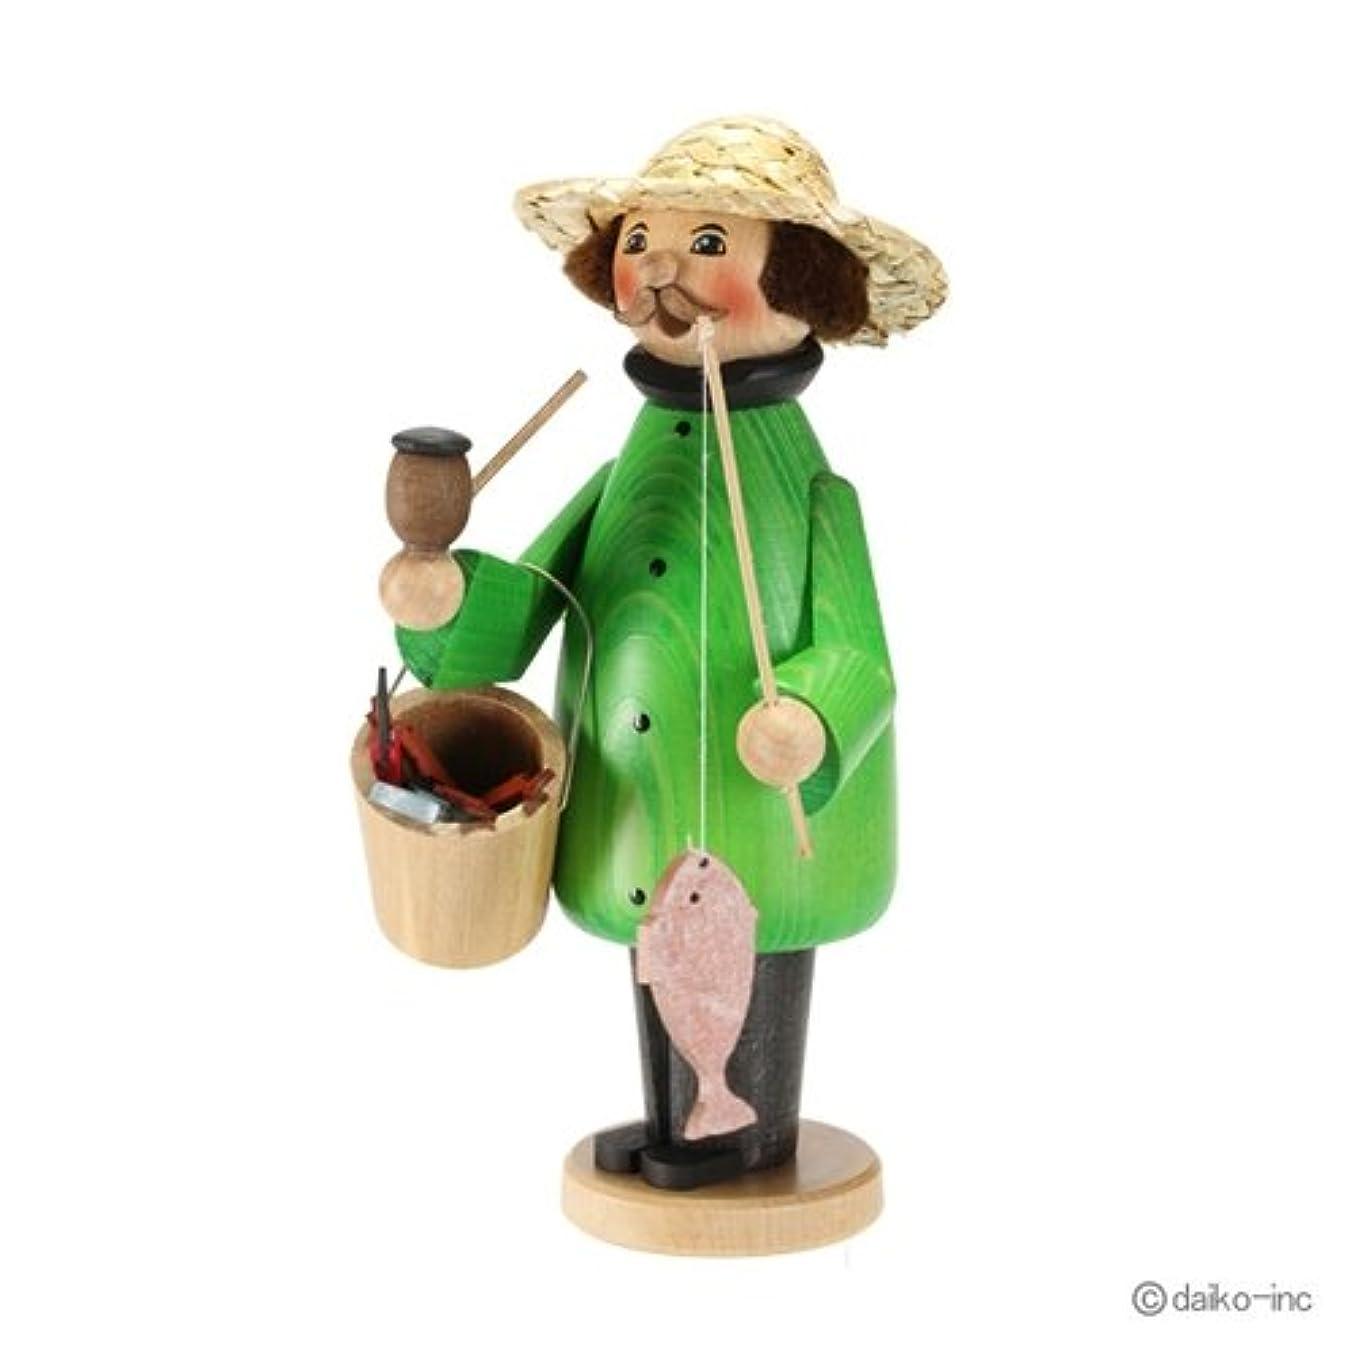 憂鬱な医薬レディクーネルト kuhnert ミニパイプ人形香炉 釣り人